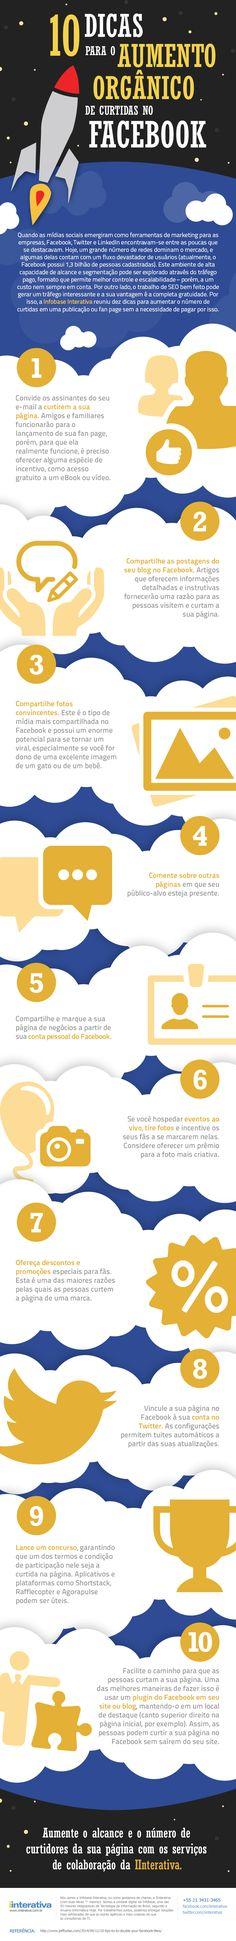 10 dicas para o aumento orgânico da Curtidas no Facebook - Assuntos Criativos